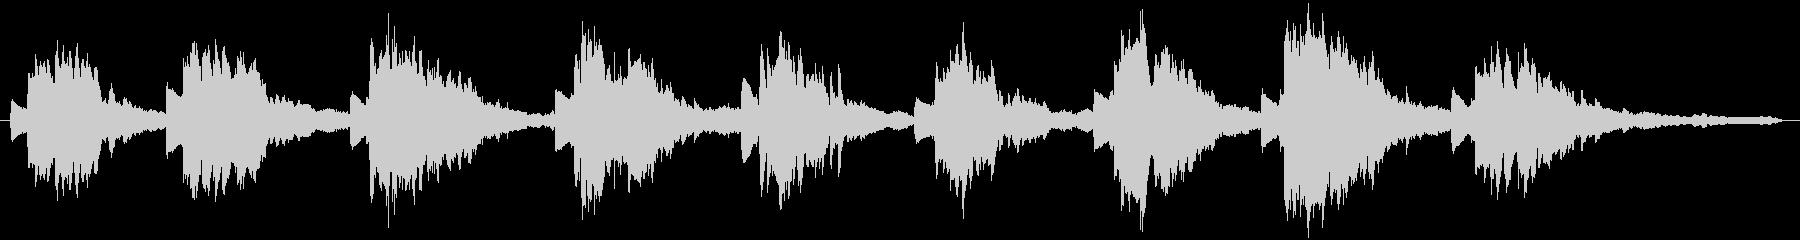 波のような癒し系BGM/ピアノ生演奏の未再生の波形